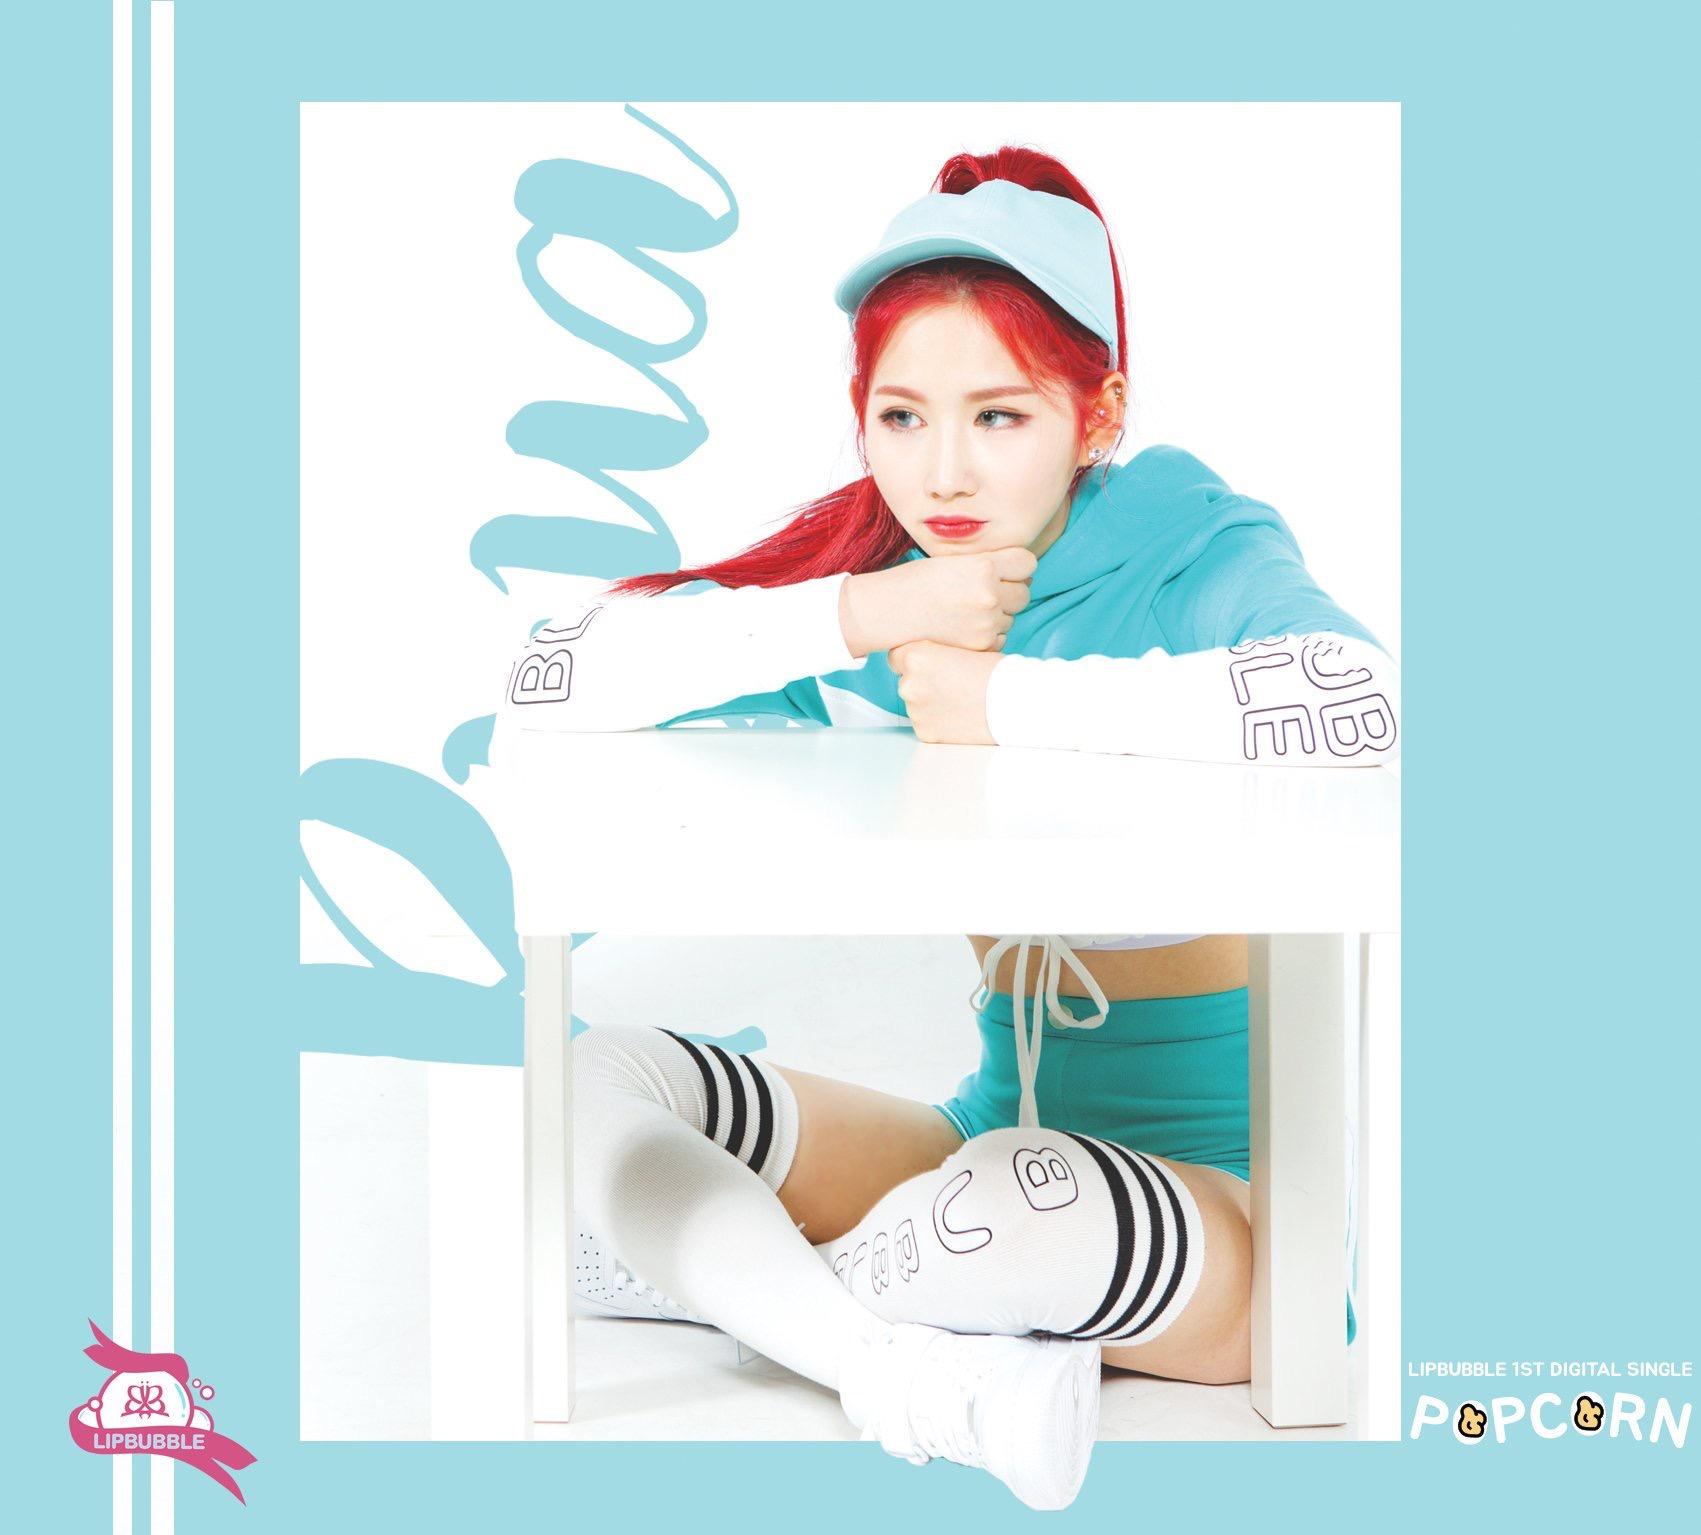 Ryua profile image